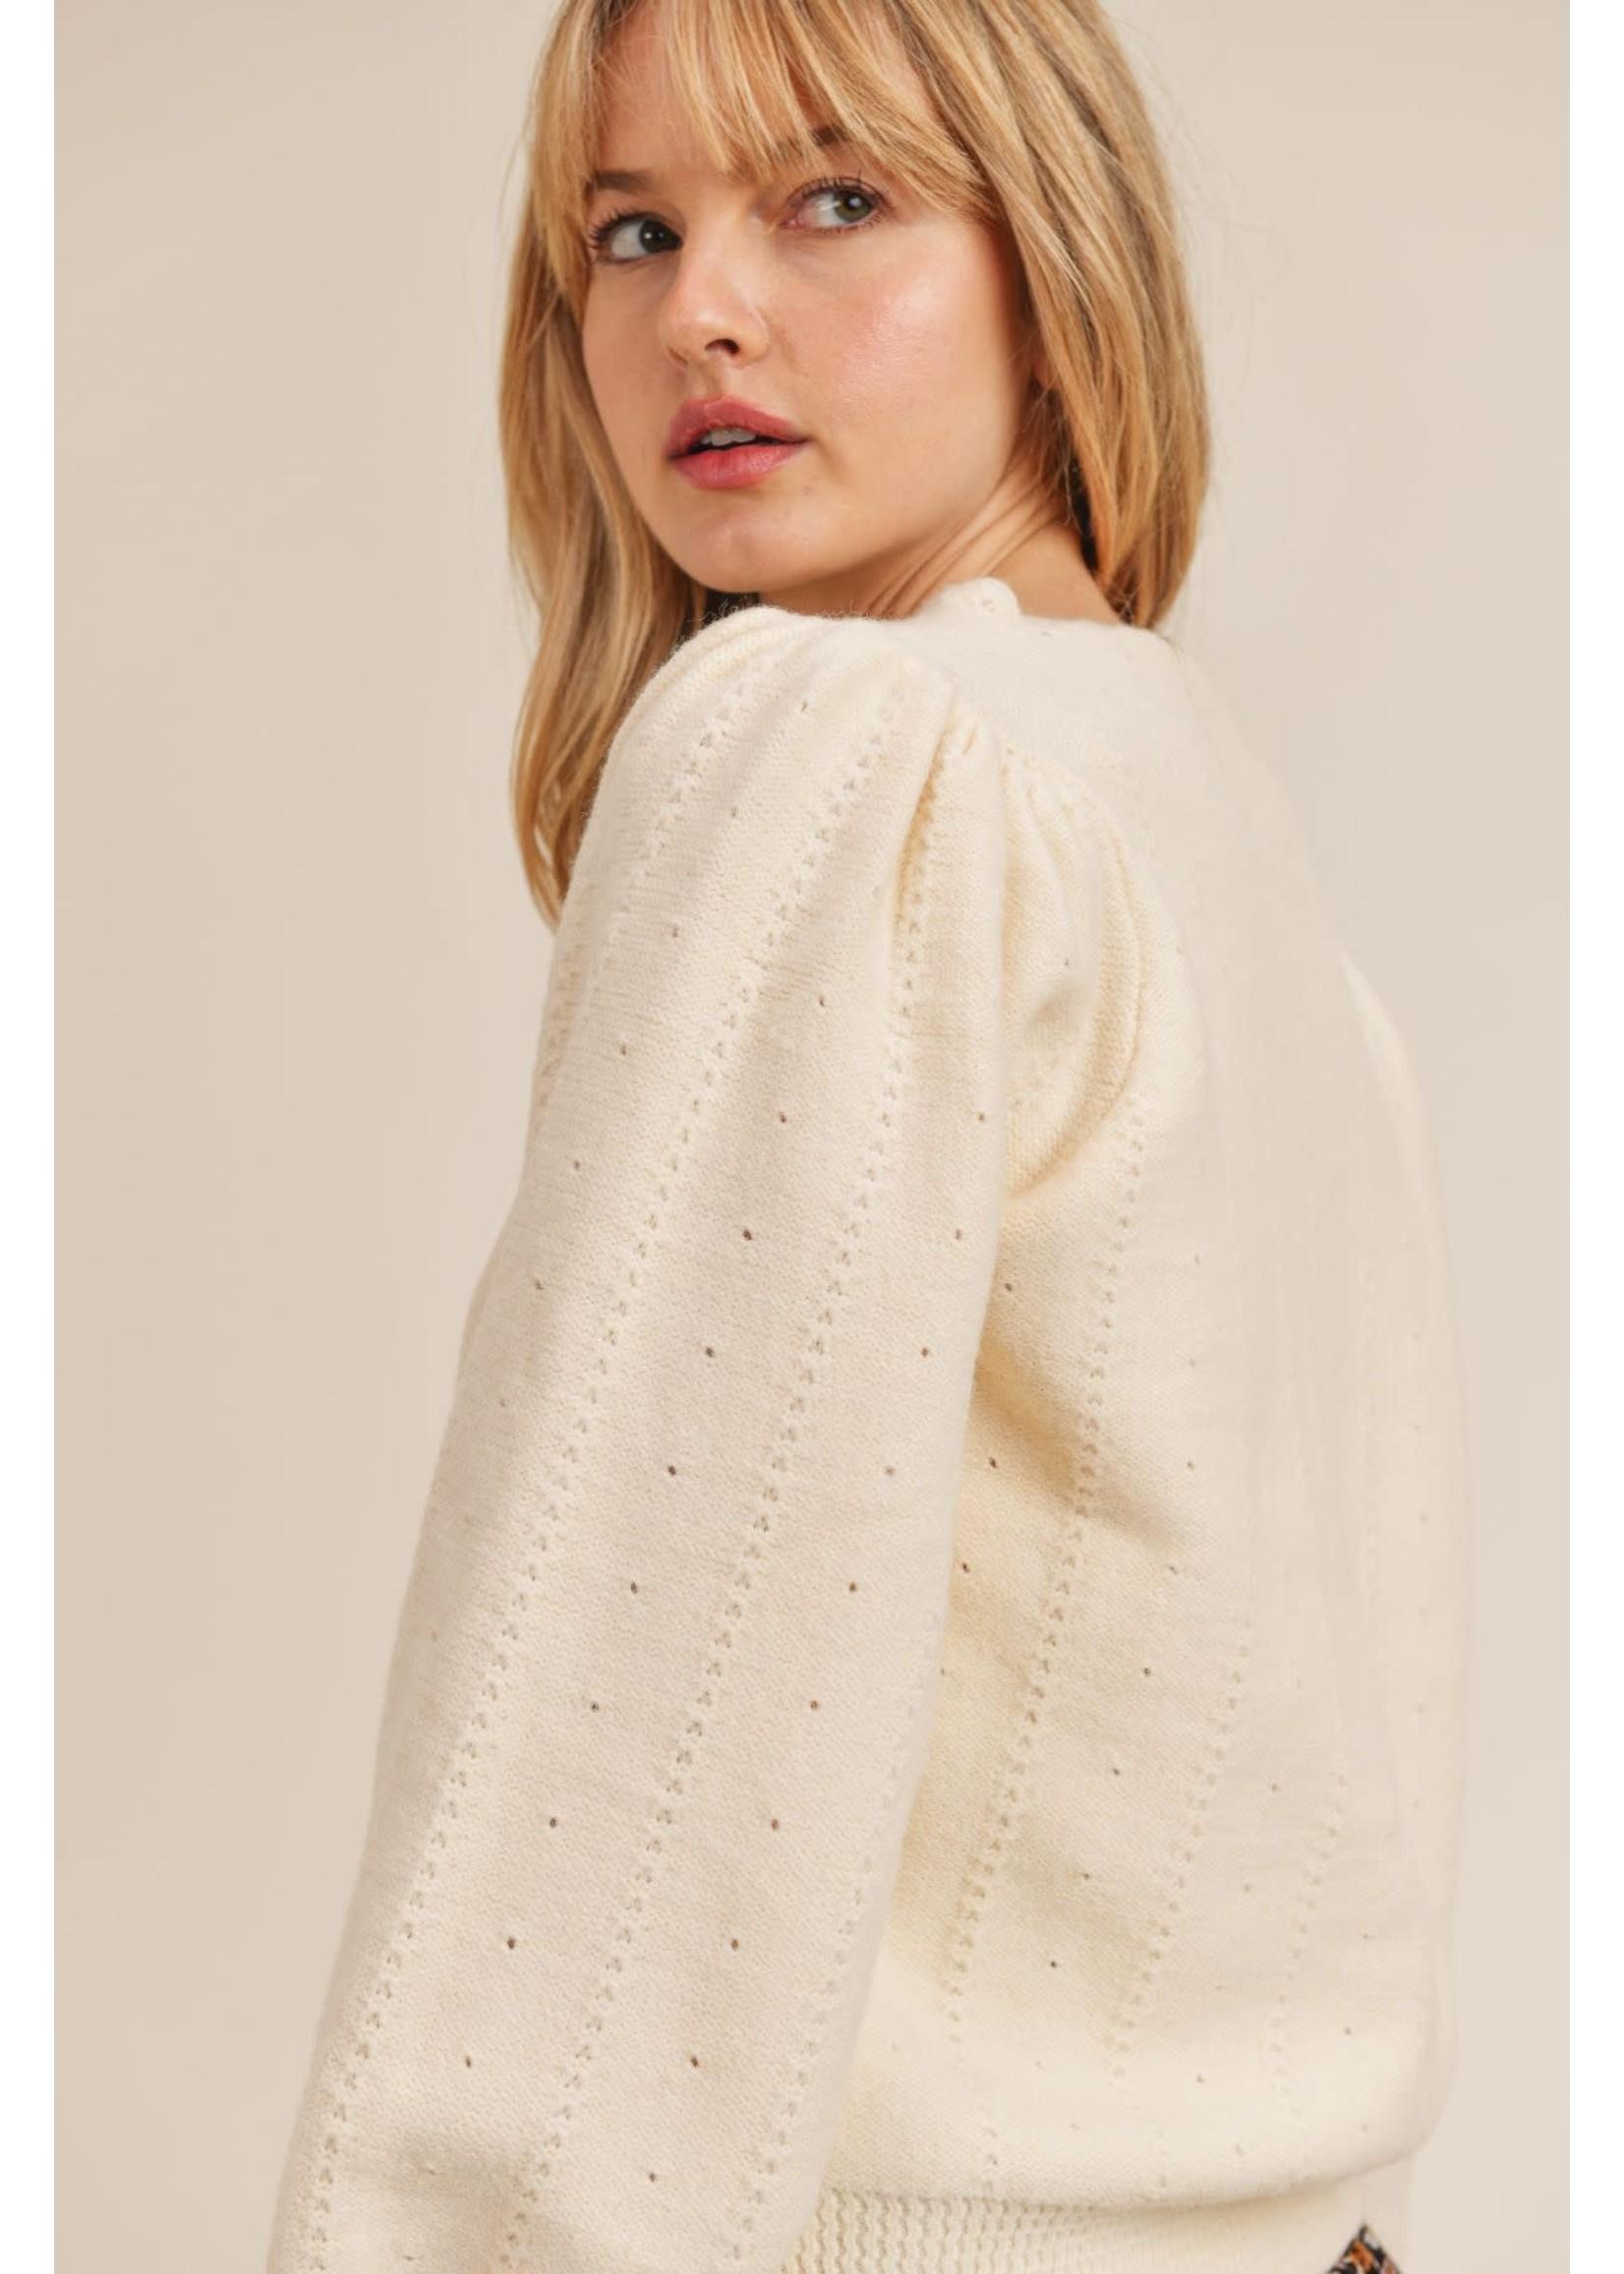 Sadie Sage White Lies Sweater